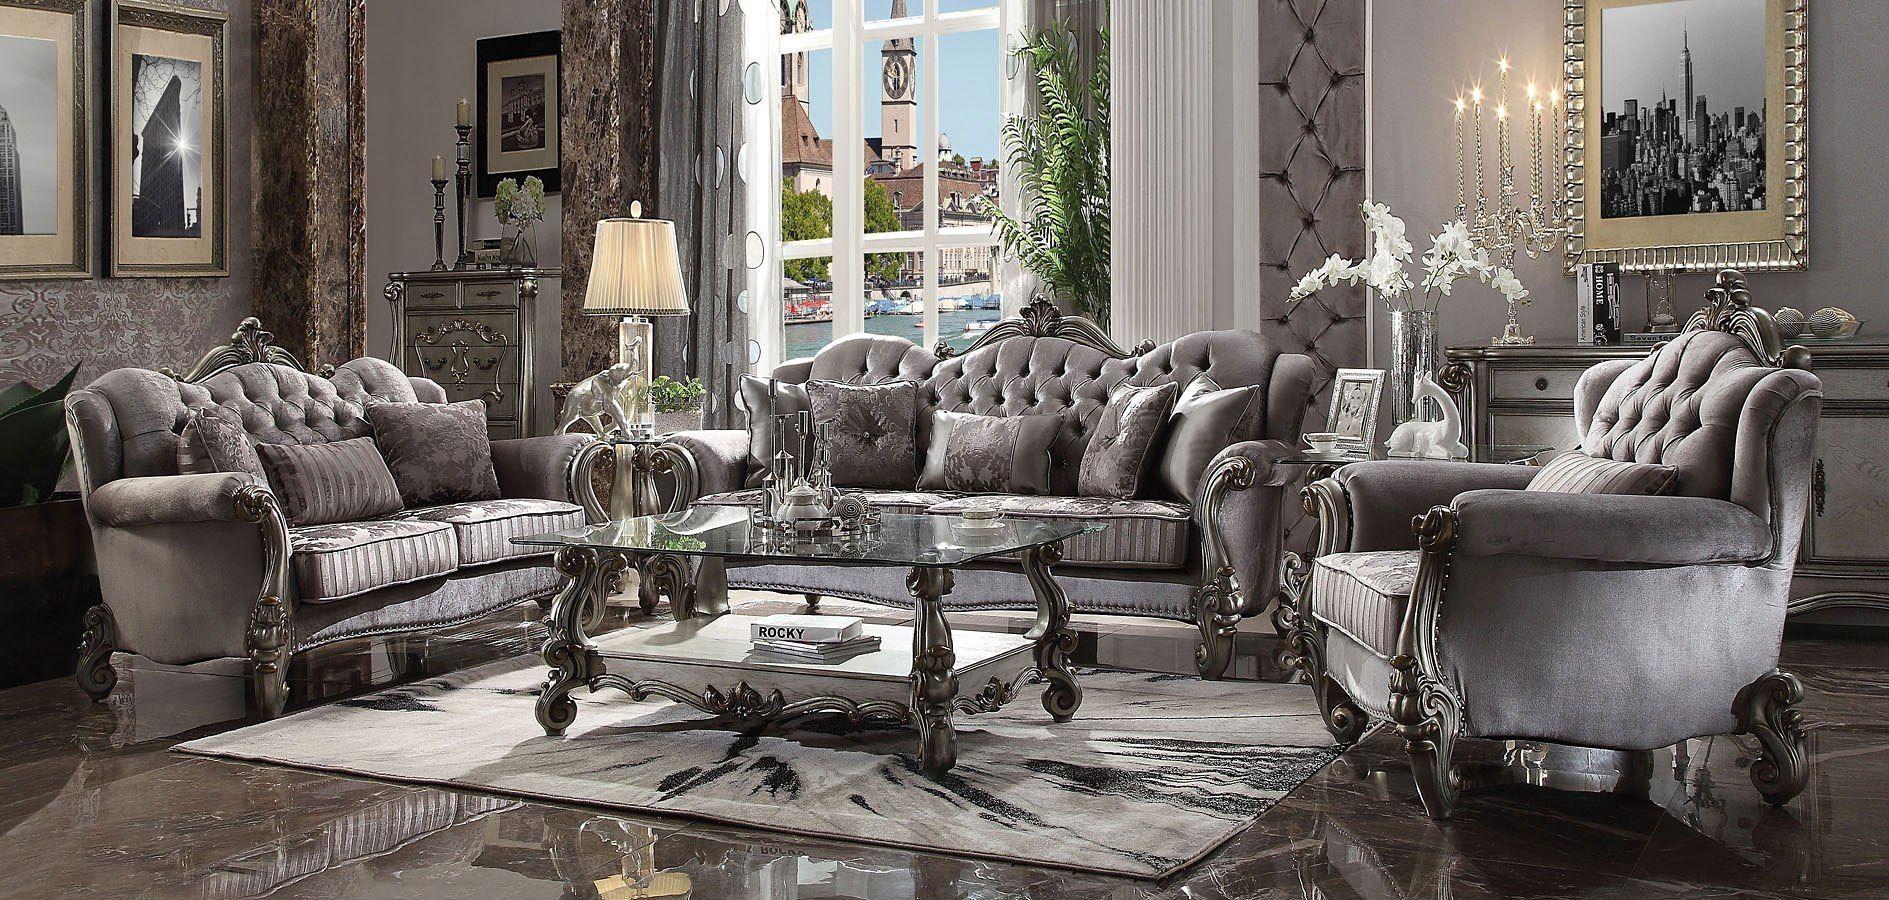 Versailles Living Room Set Antique Platinum Living Room Collections Formal Living Room Sets Living Room Sets #versailles #living #room #set